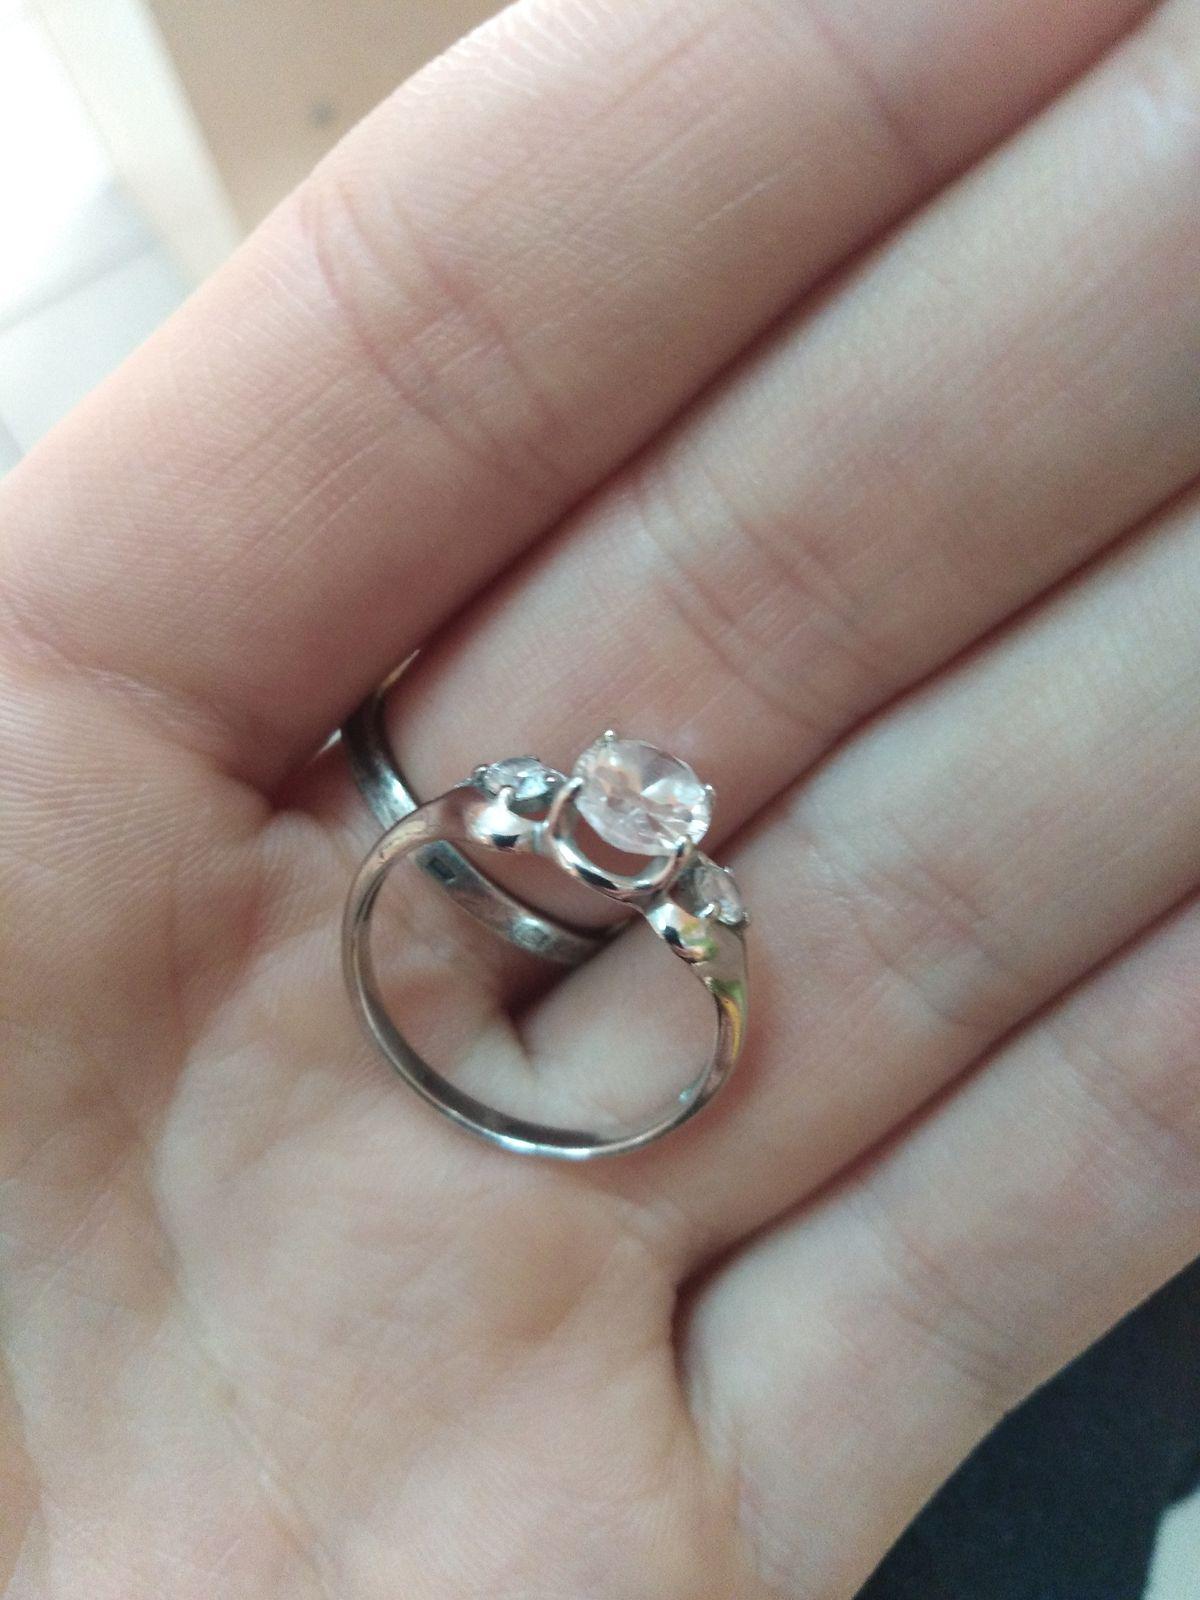 Серебряное кольцо с искусственным фианитом, 925 проба, три камешка, советую